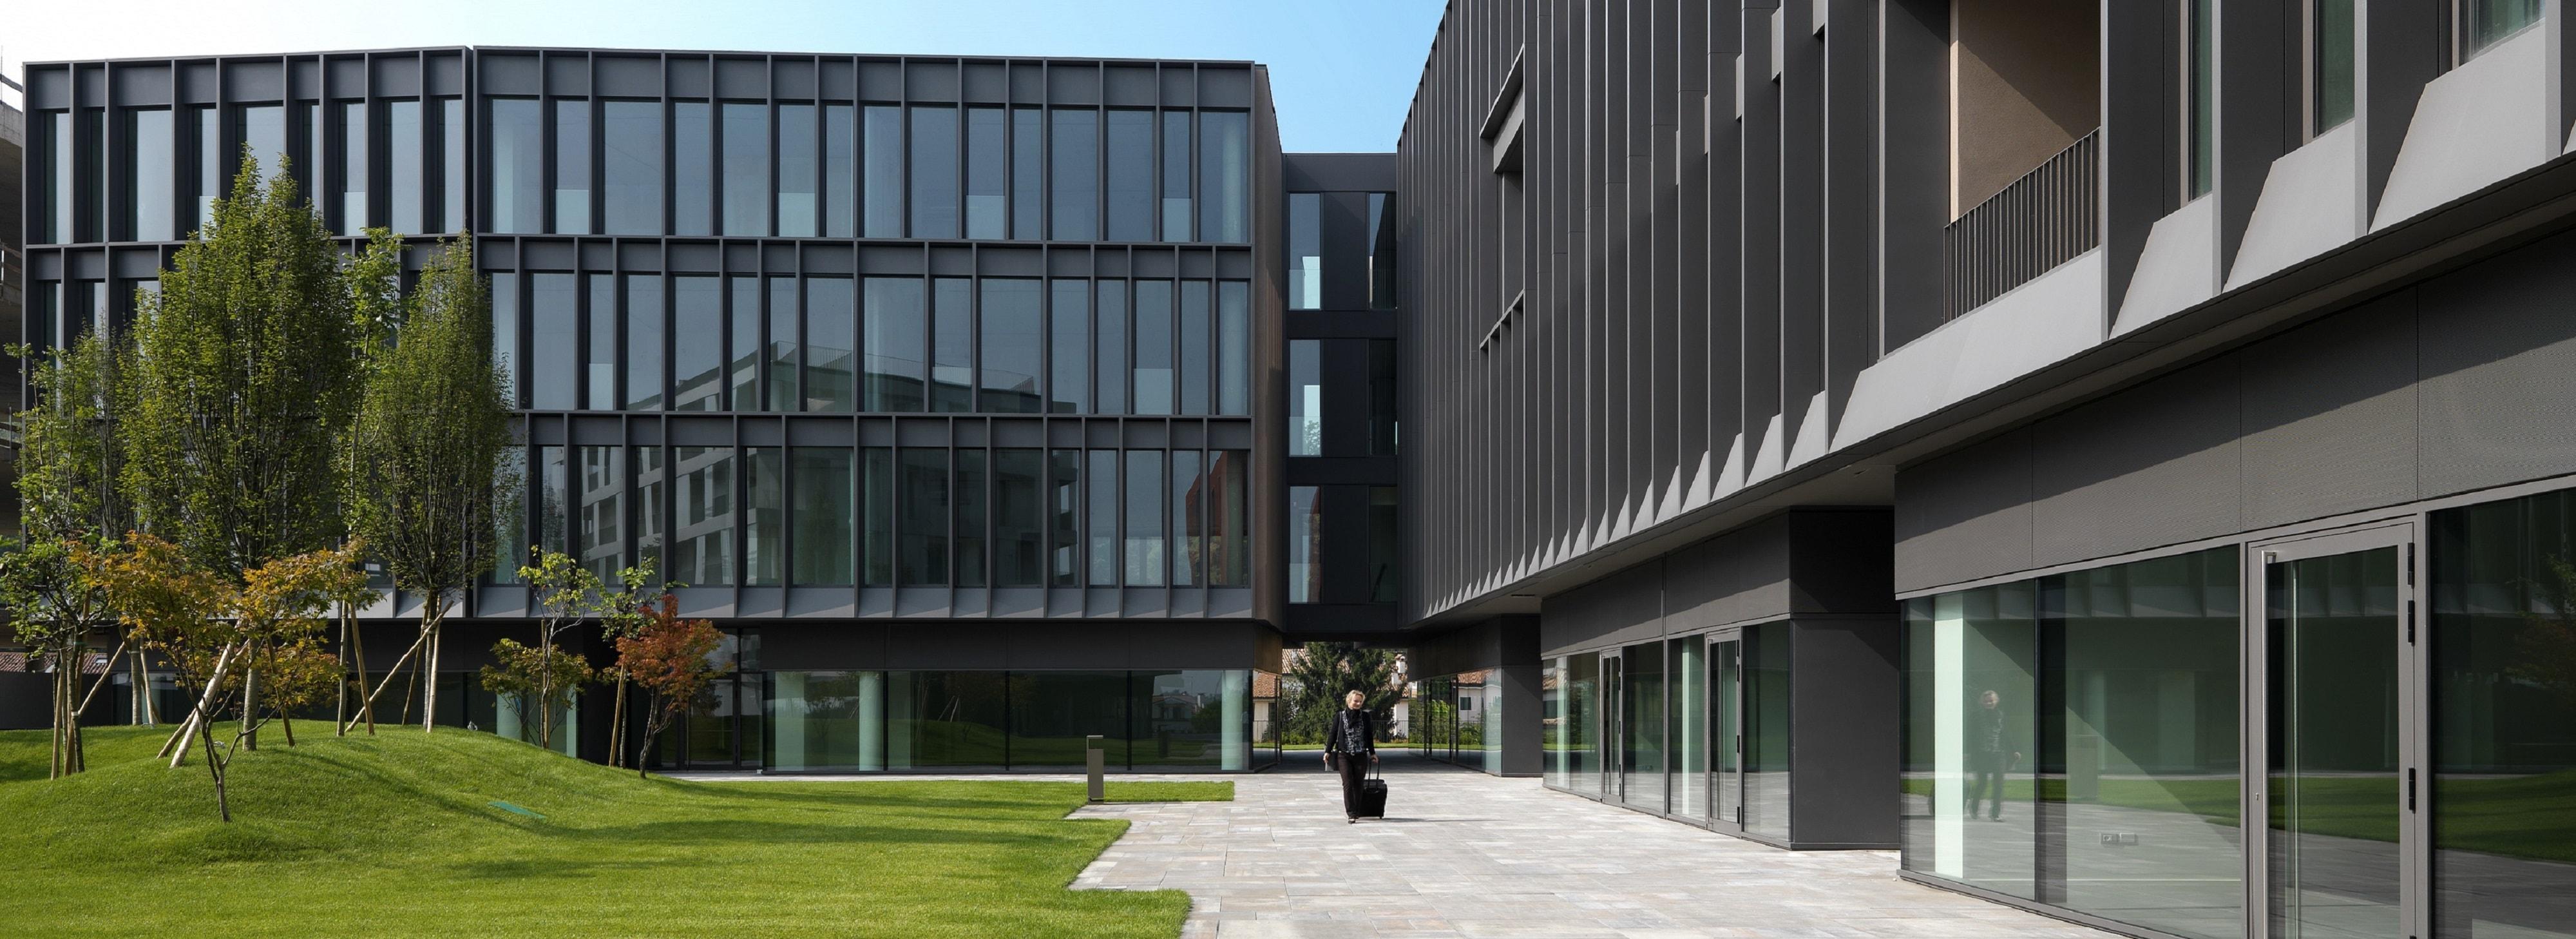 Le moderne tecnologie permettono di soddisfare ogni esigenza architettonica